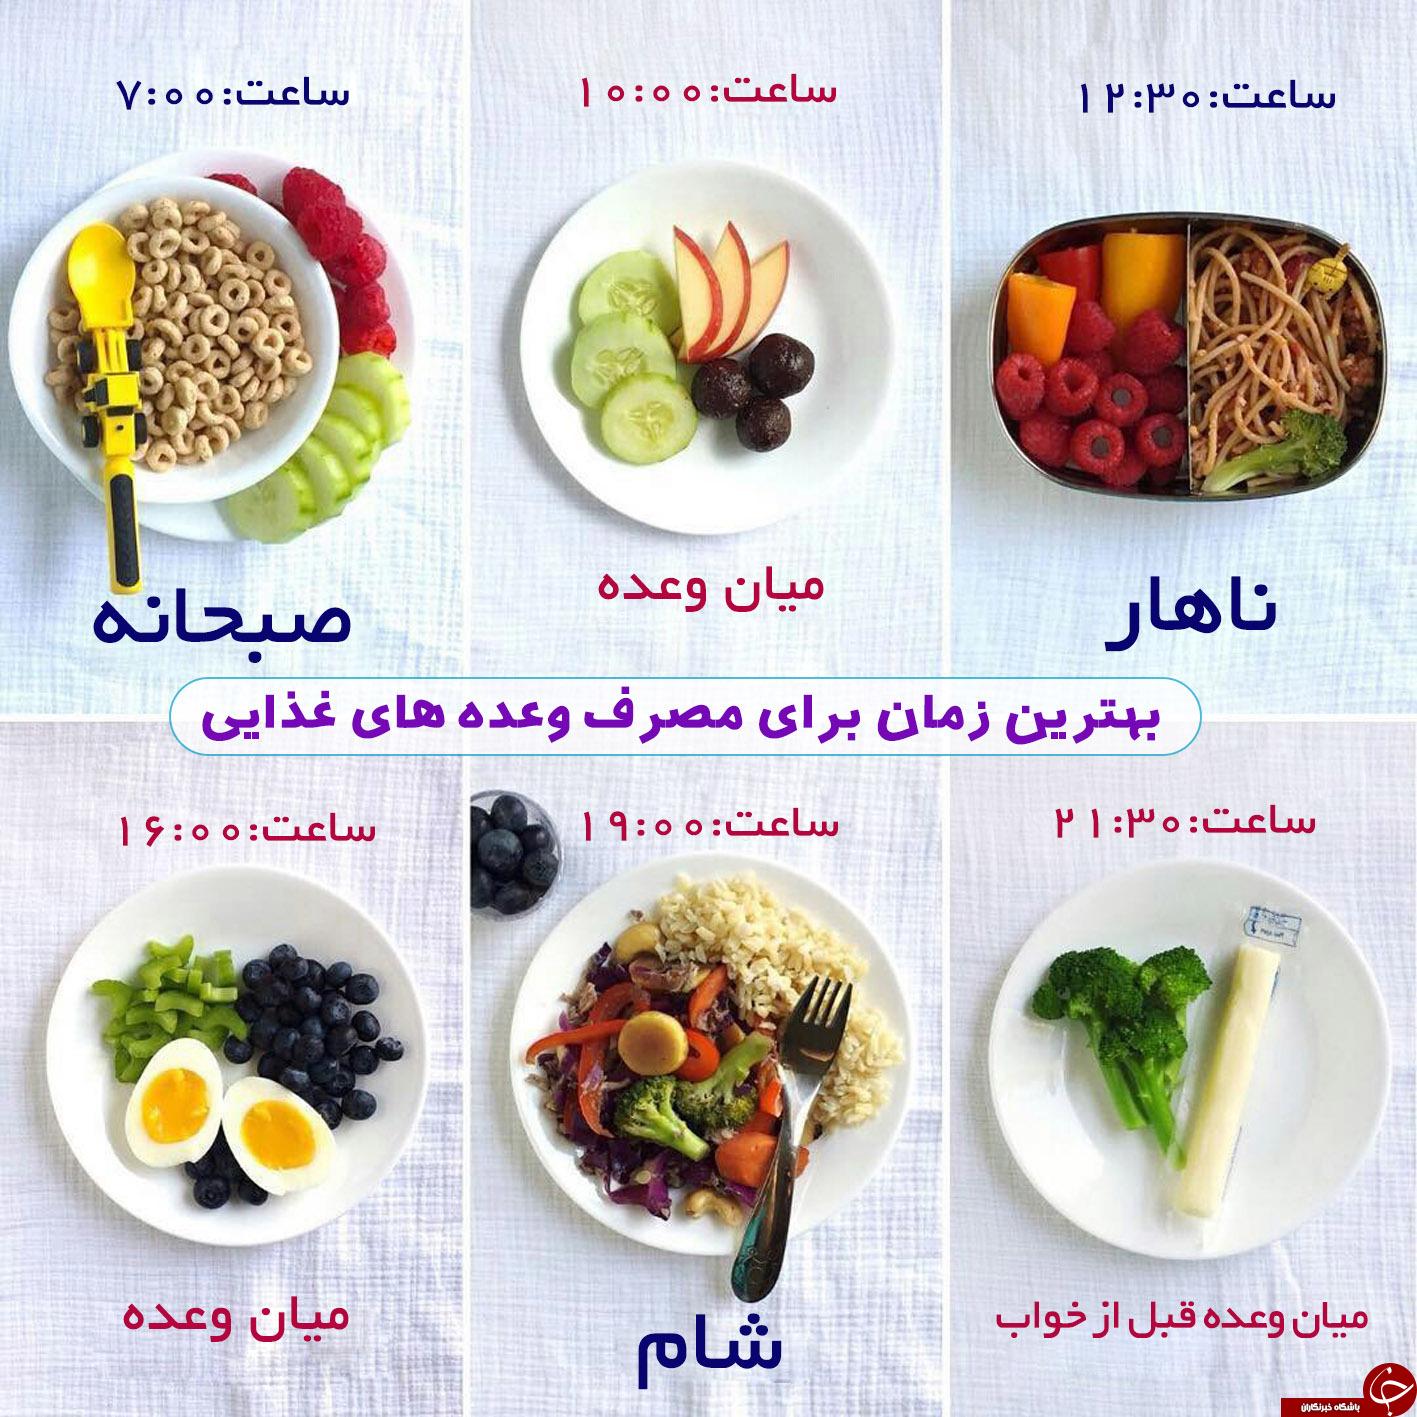 بهترین زمان برای مصرف وعده های غذایی